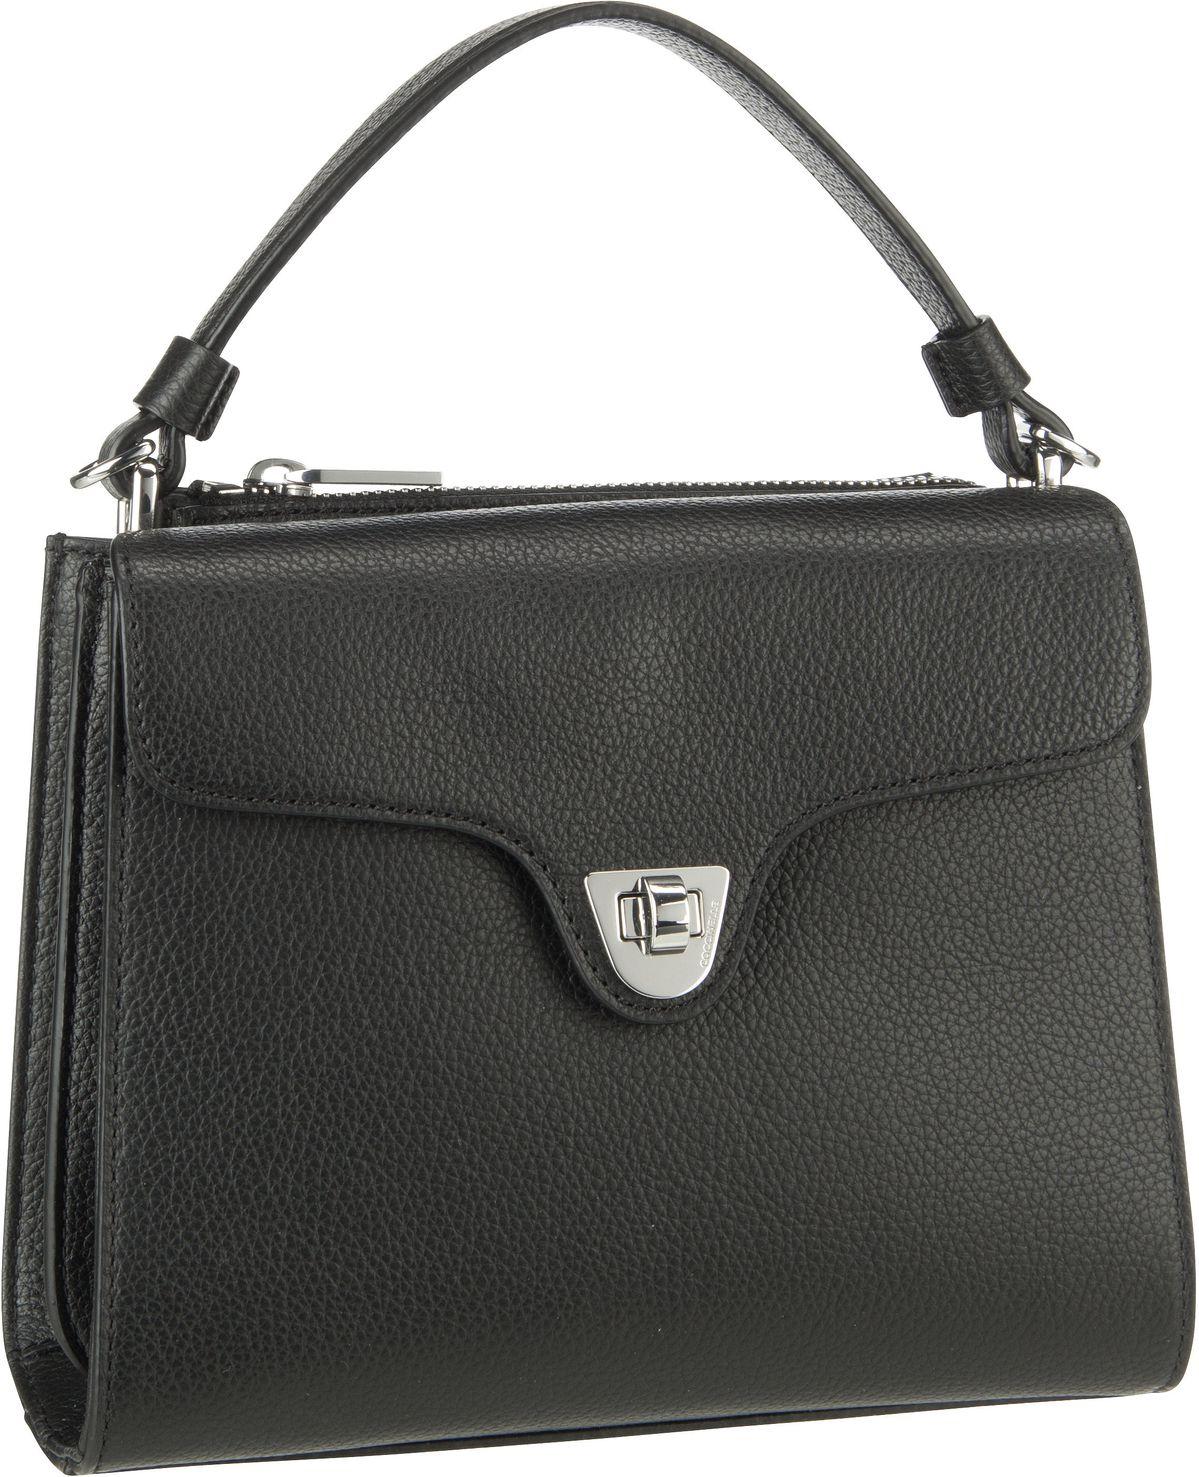 Handtasche Alaide 1803 Nero